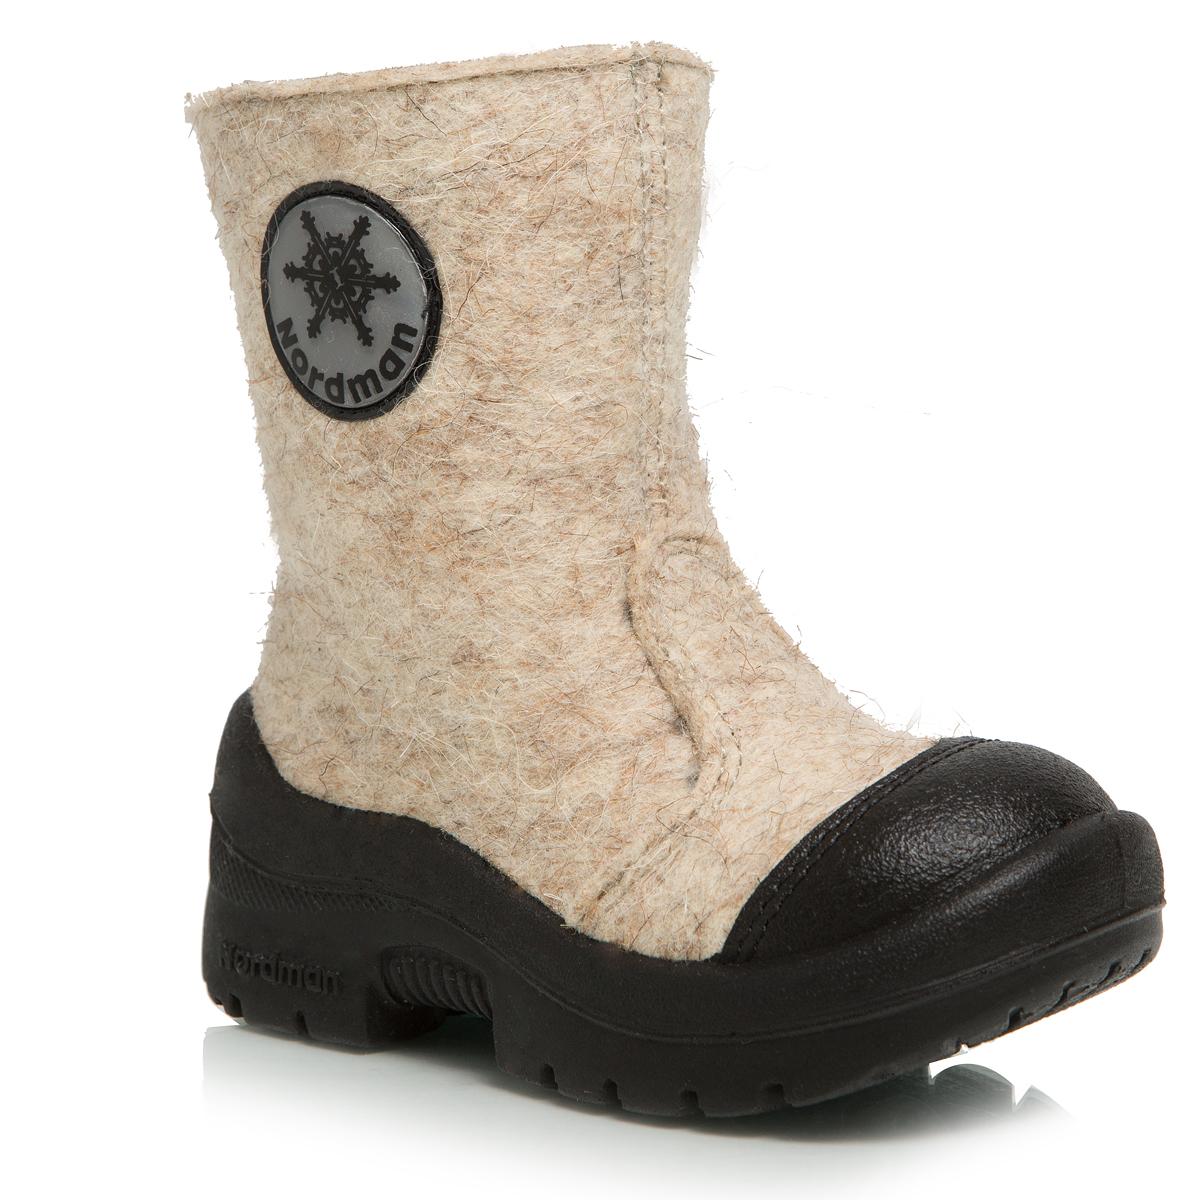 114010-01Валенки Nordman выполнены из качественного войлока. Носок дополнительно усилен вставкой из натуральной кожи. Модель оформлена светоотражающим элементом. На ноге модель фиксируется с помощью удобной застежки-молнии. Внутренняя поверхность выполнена из натуральной шерсти, которая обеспечит тепло и комфорт. Съемная стелька также выполнена из натуральной шерсти. Подошва изготовлена из полиуретана и дополнена протектором, который обеспечит отличное сцепление с любой поверхностью.